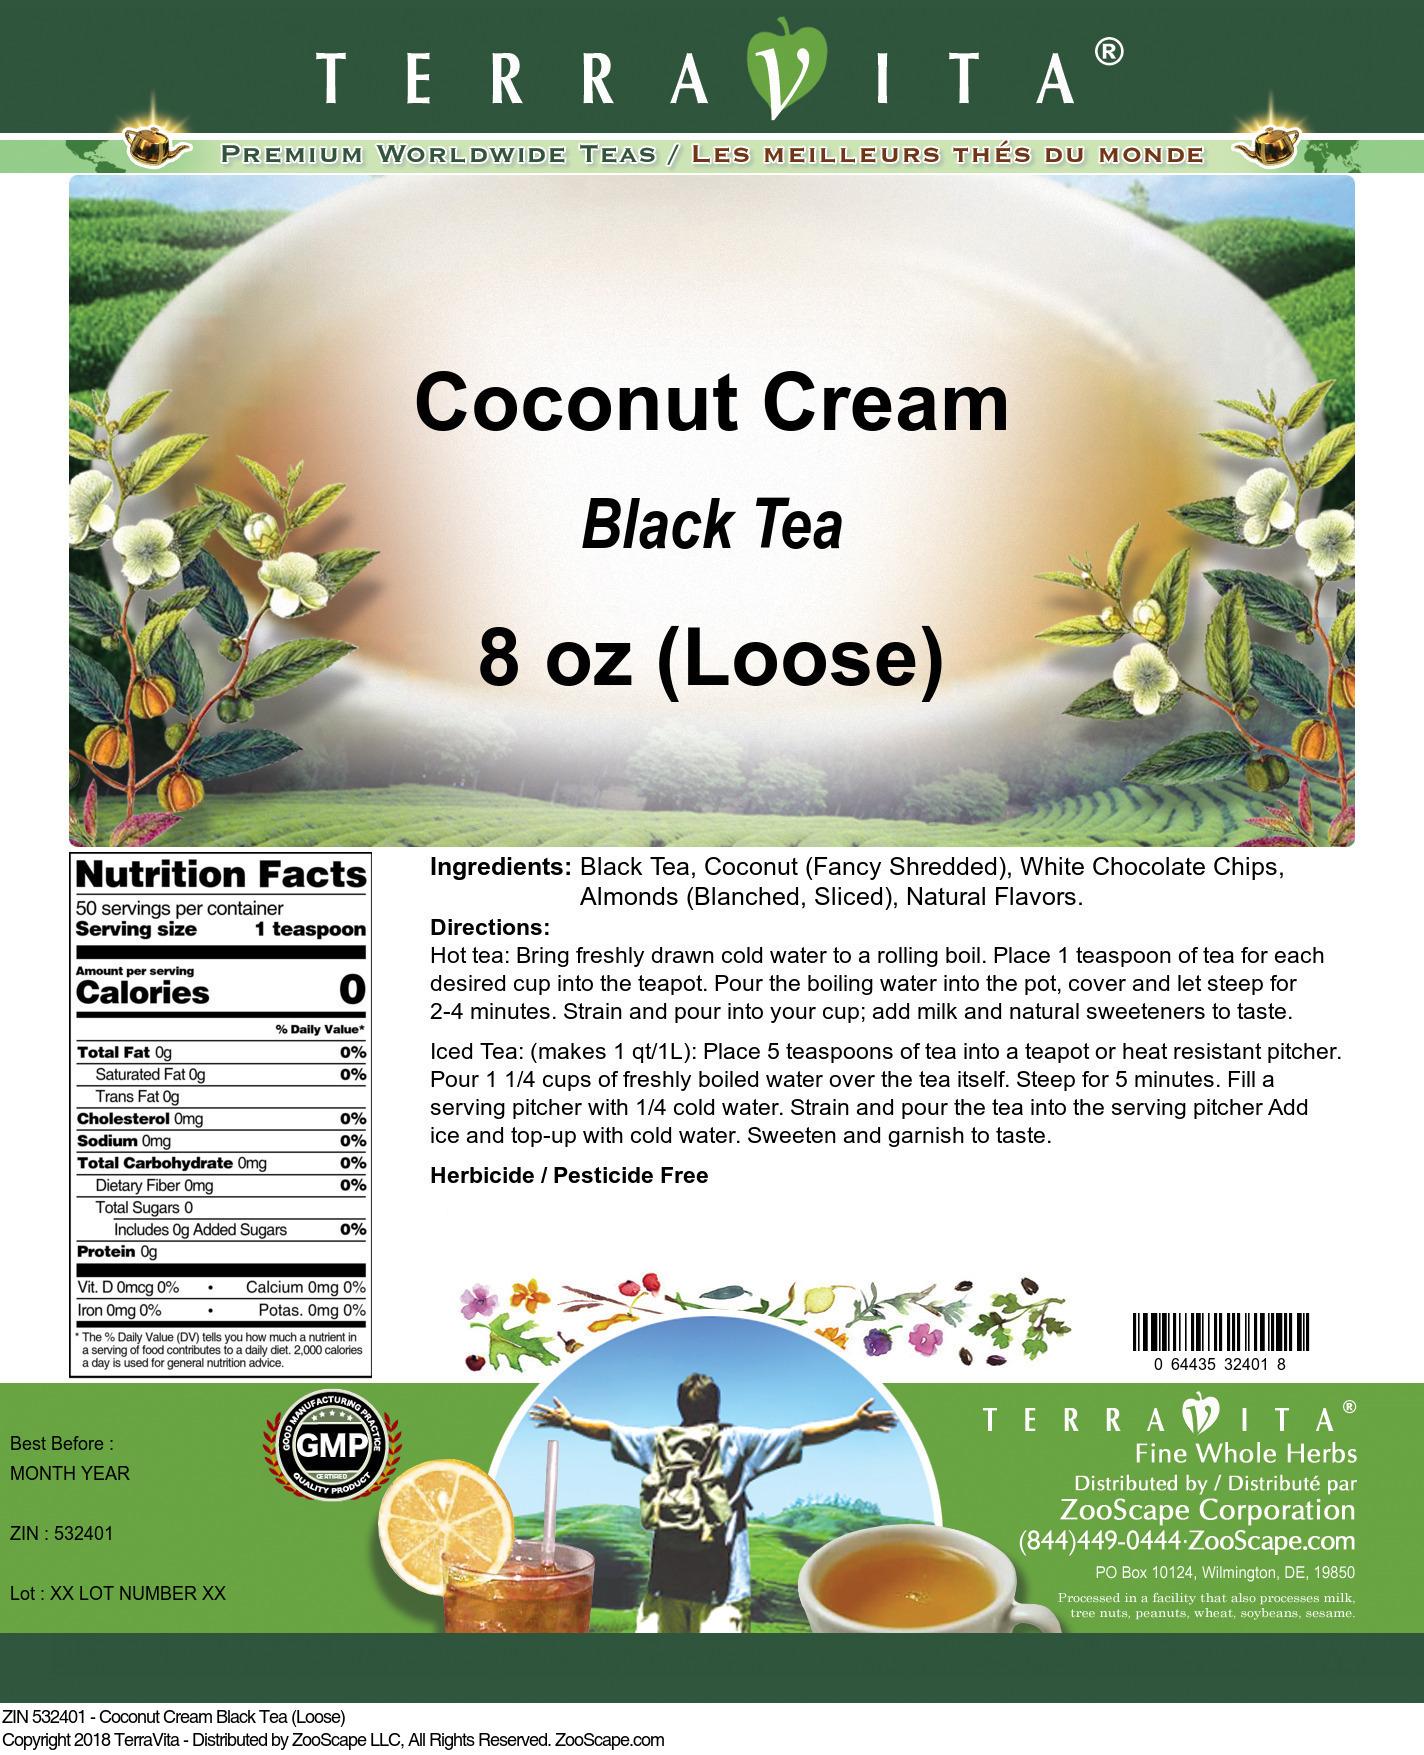 Coconut Cream Black Tea